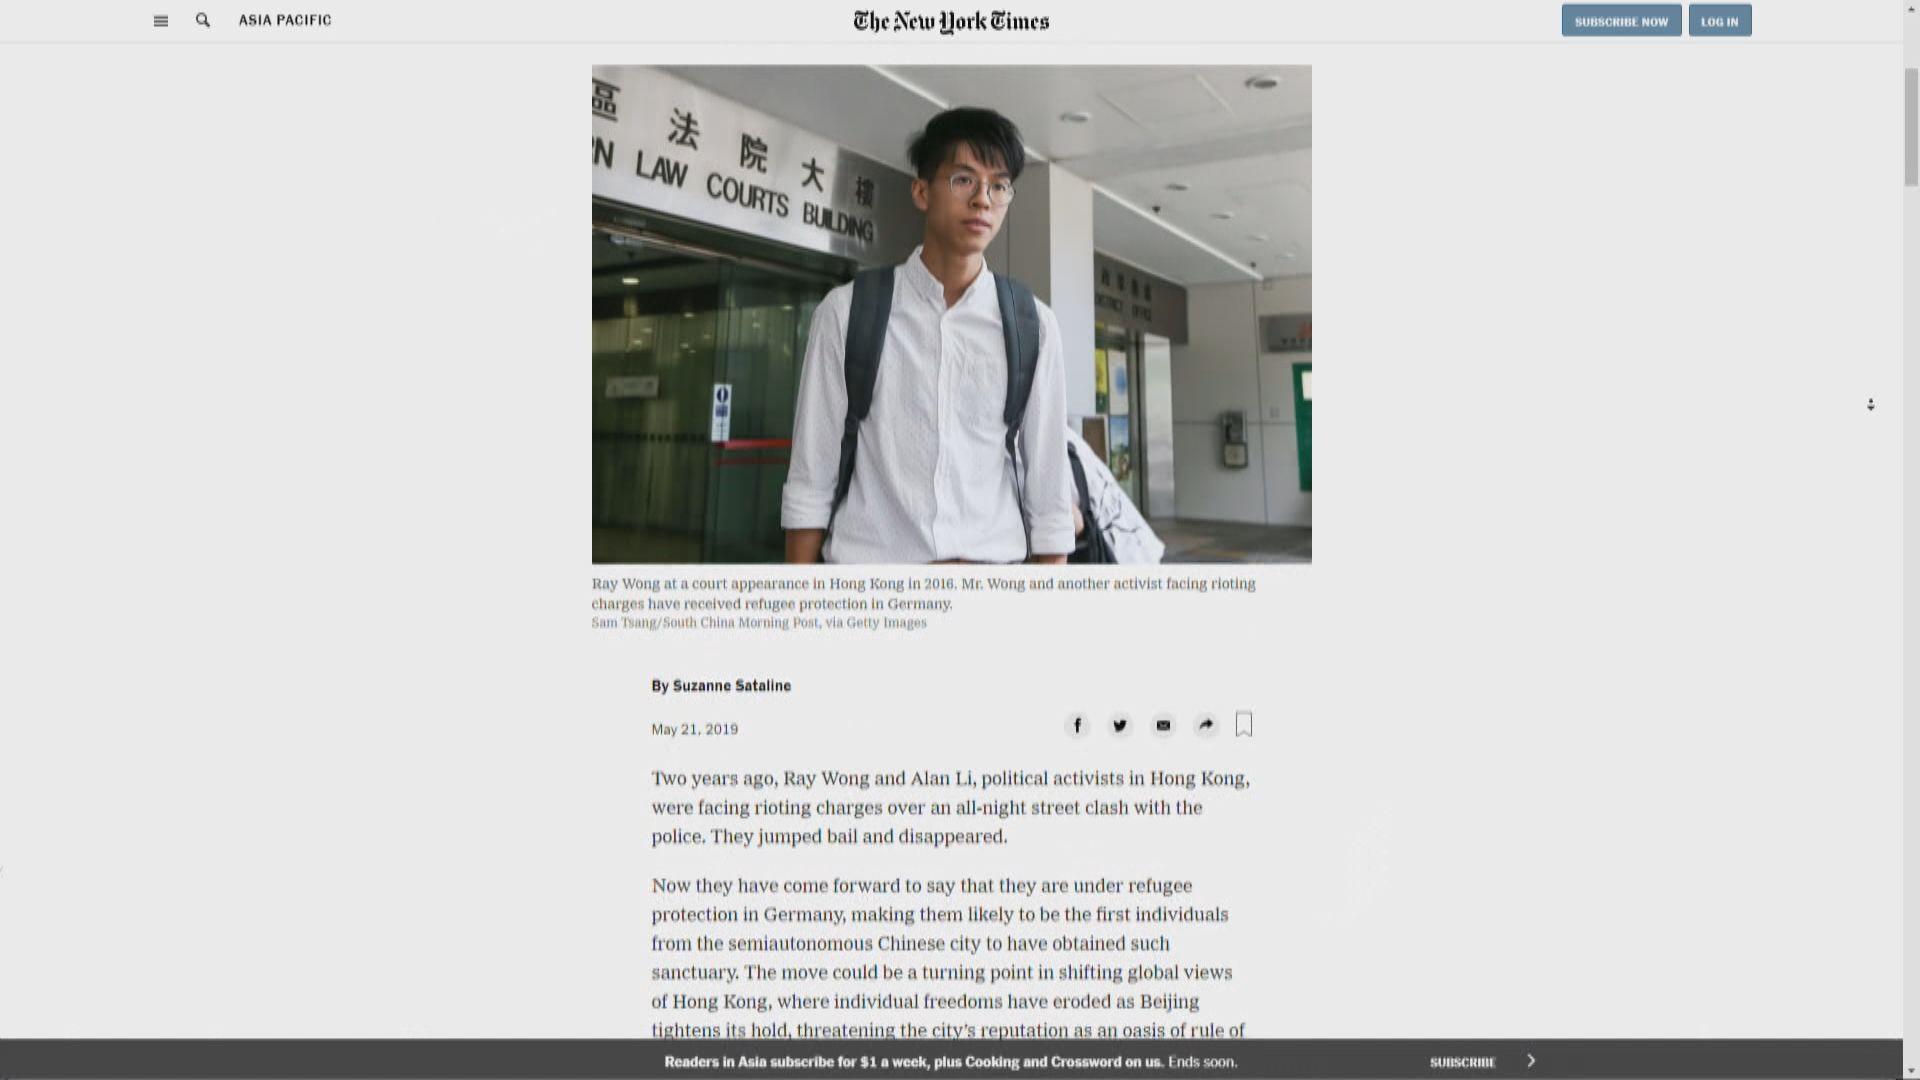 黃台仰和李東昇據報獲德國批出難民庇護申請